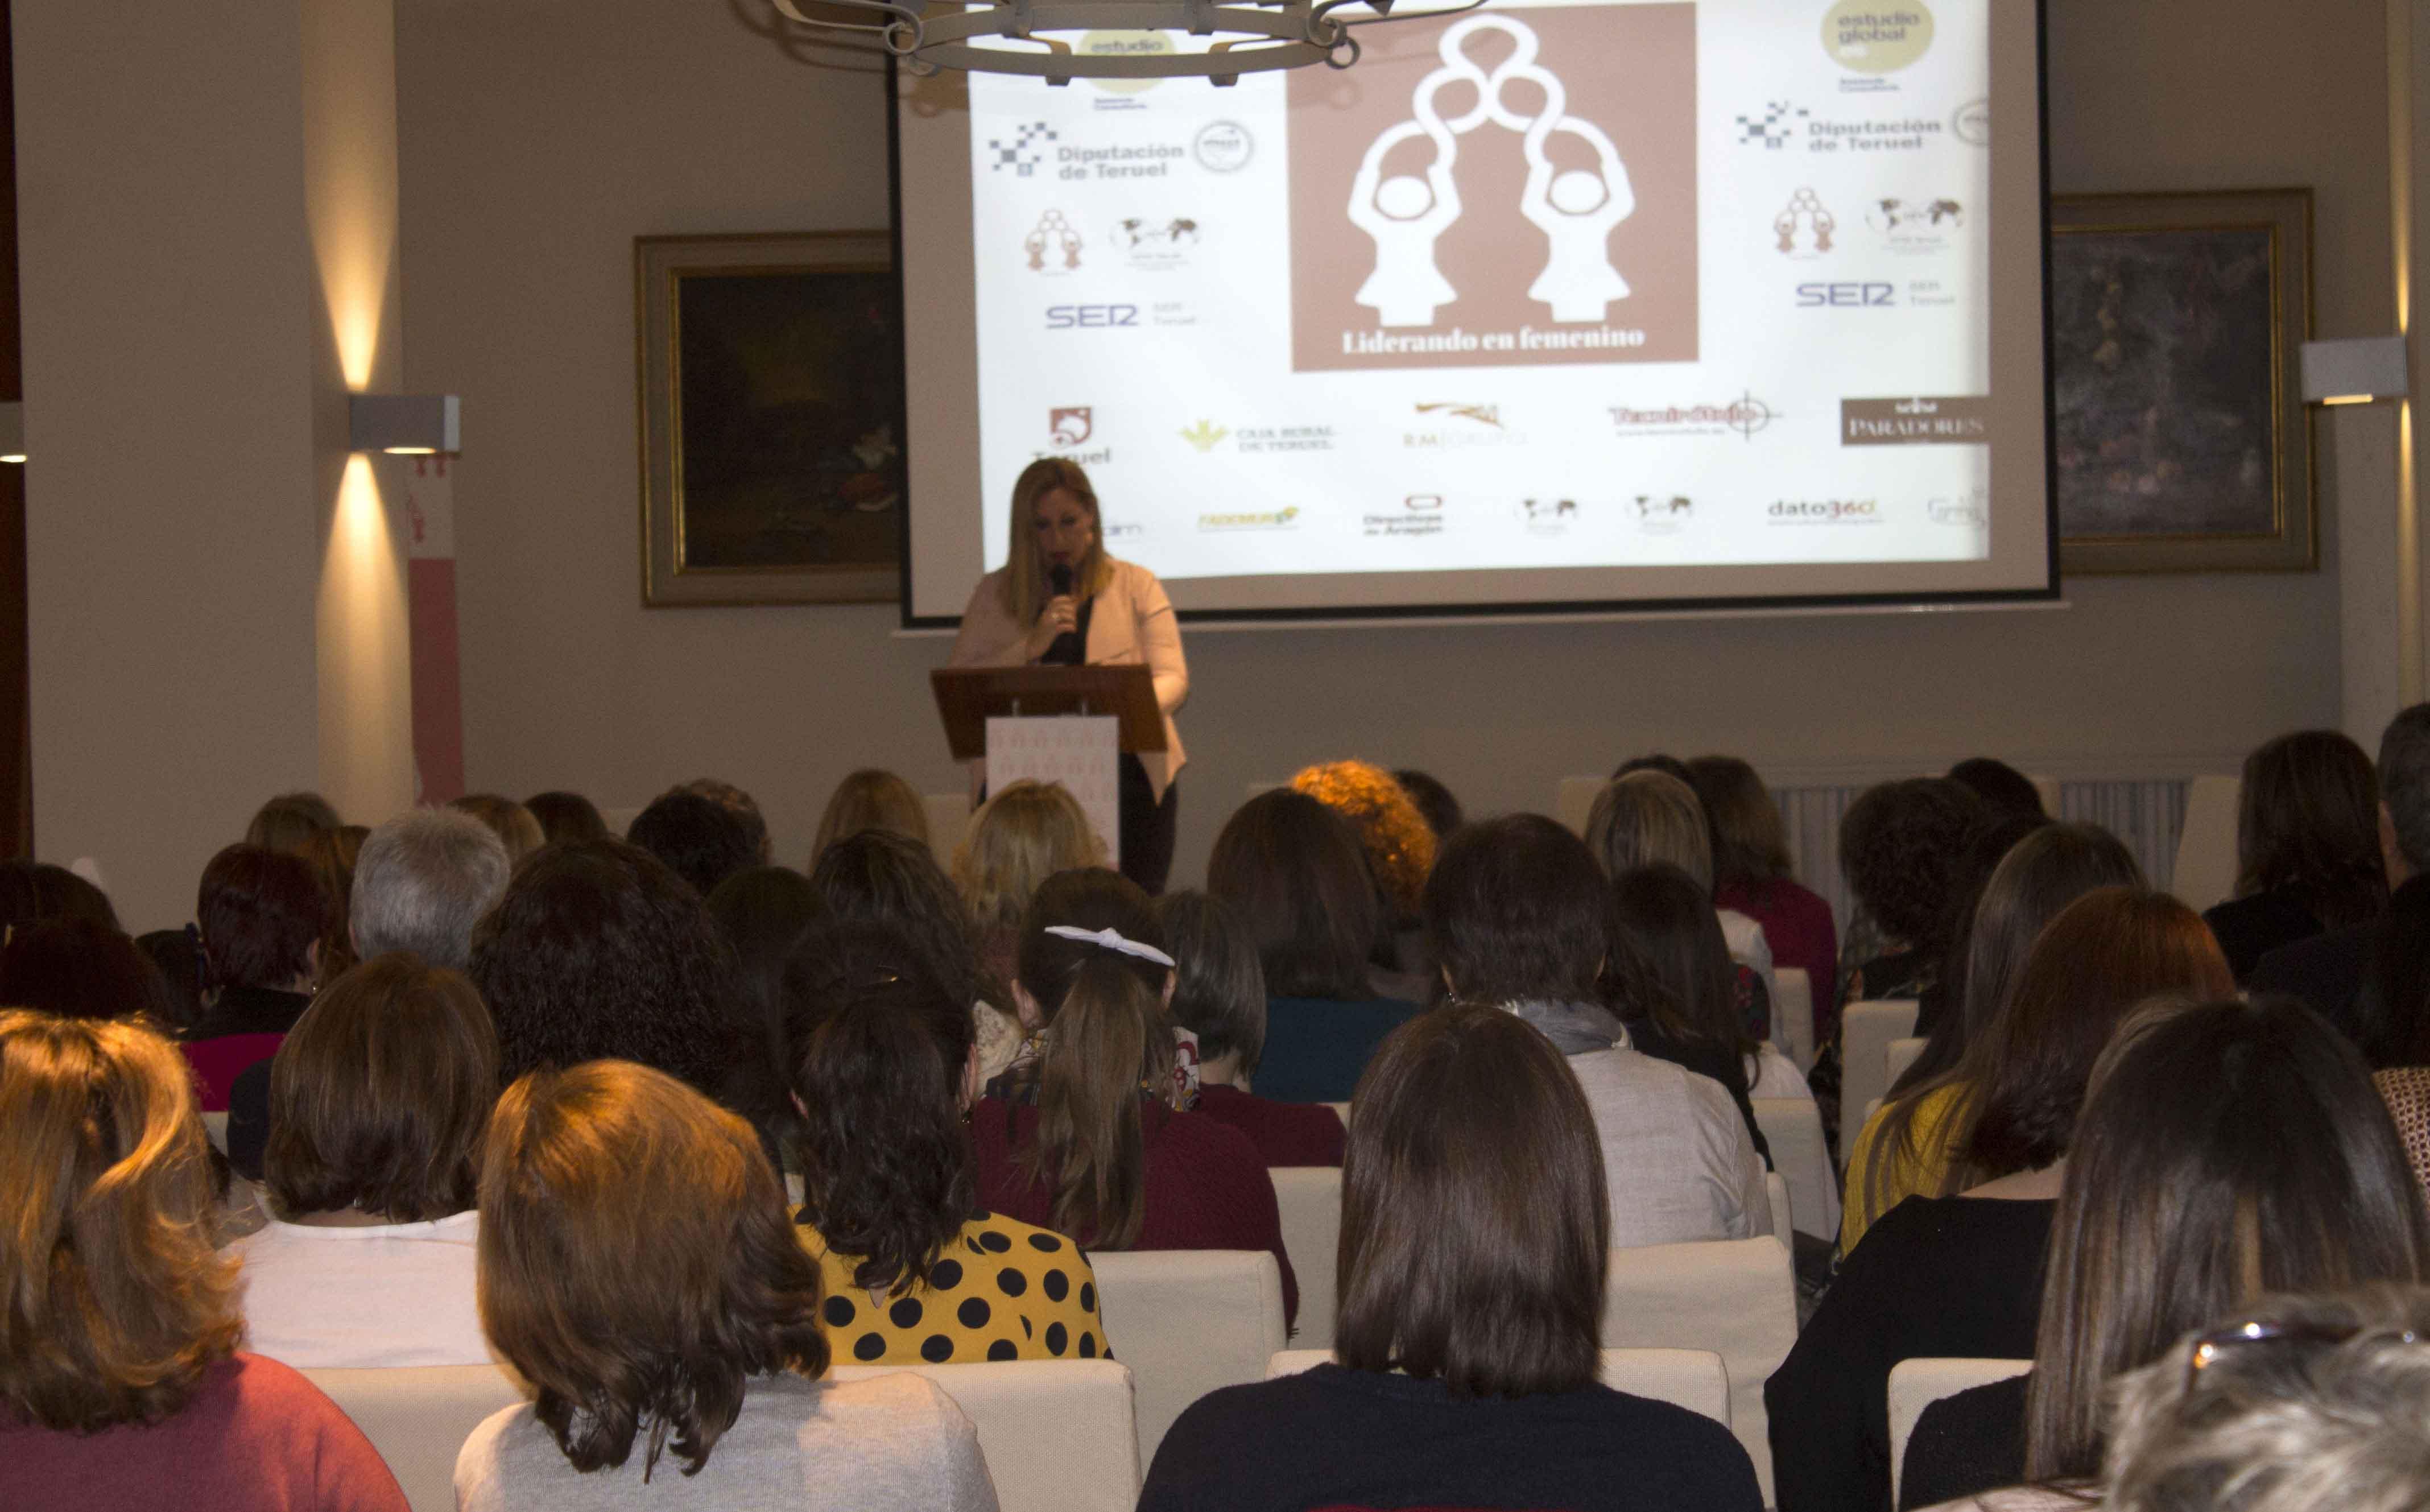 Elena Lluch, presidenta de la asociación provincial de Teruel Enredadas, durante la inauguración de Liderando en Femenino